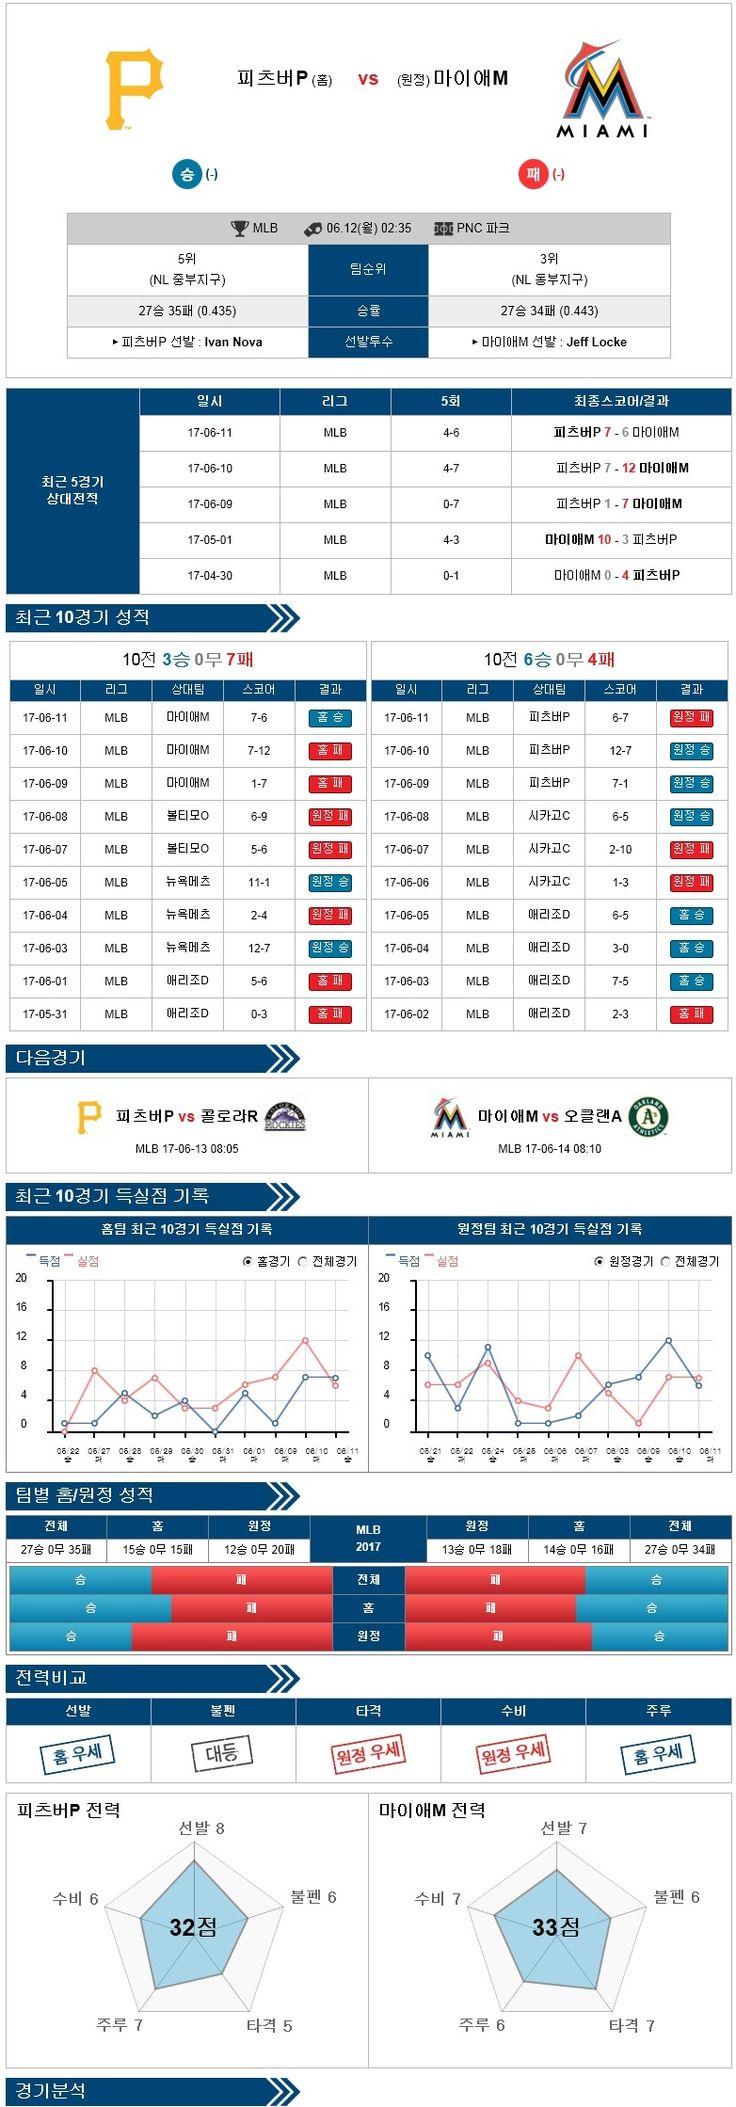 [MLB] 6월 12일 야구분석픽 피츠버그 vs 마이애미 ★토토군 분석픽★